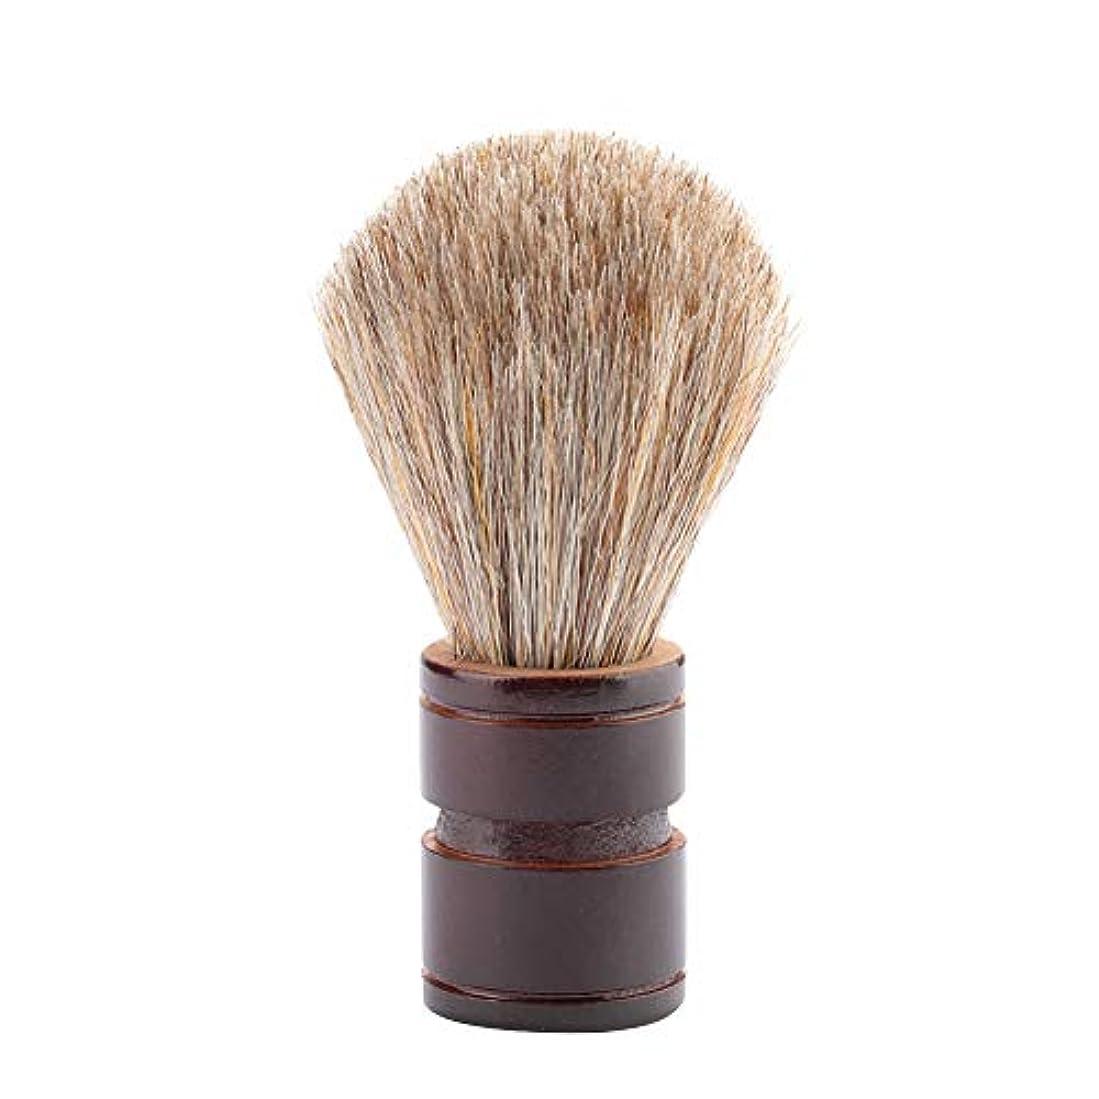 ボットコンペキャンペーンひげブラシ、2色オプションのポータブルプレミアム品質ブラシ男性のためのひげのケアツール美容院と家庭用缶(ヘム+馬毛)